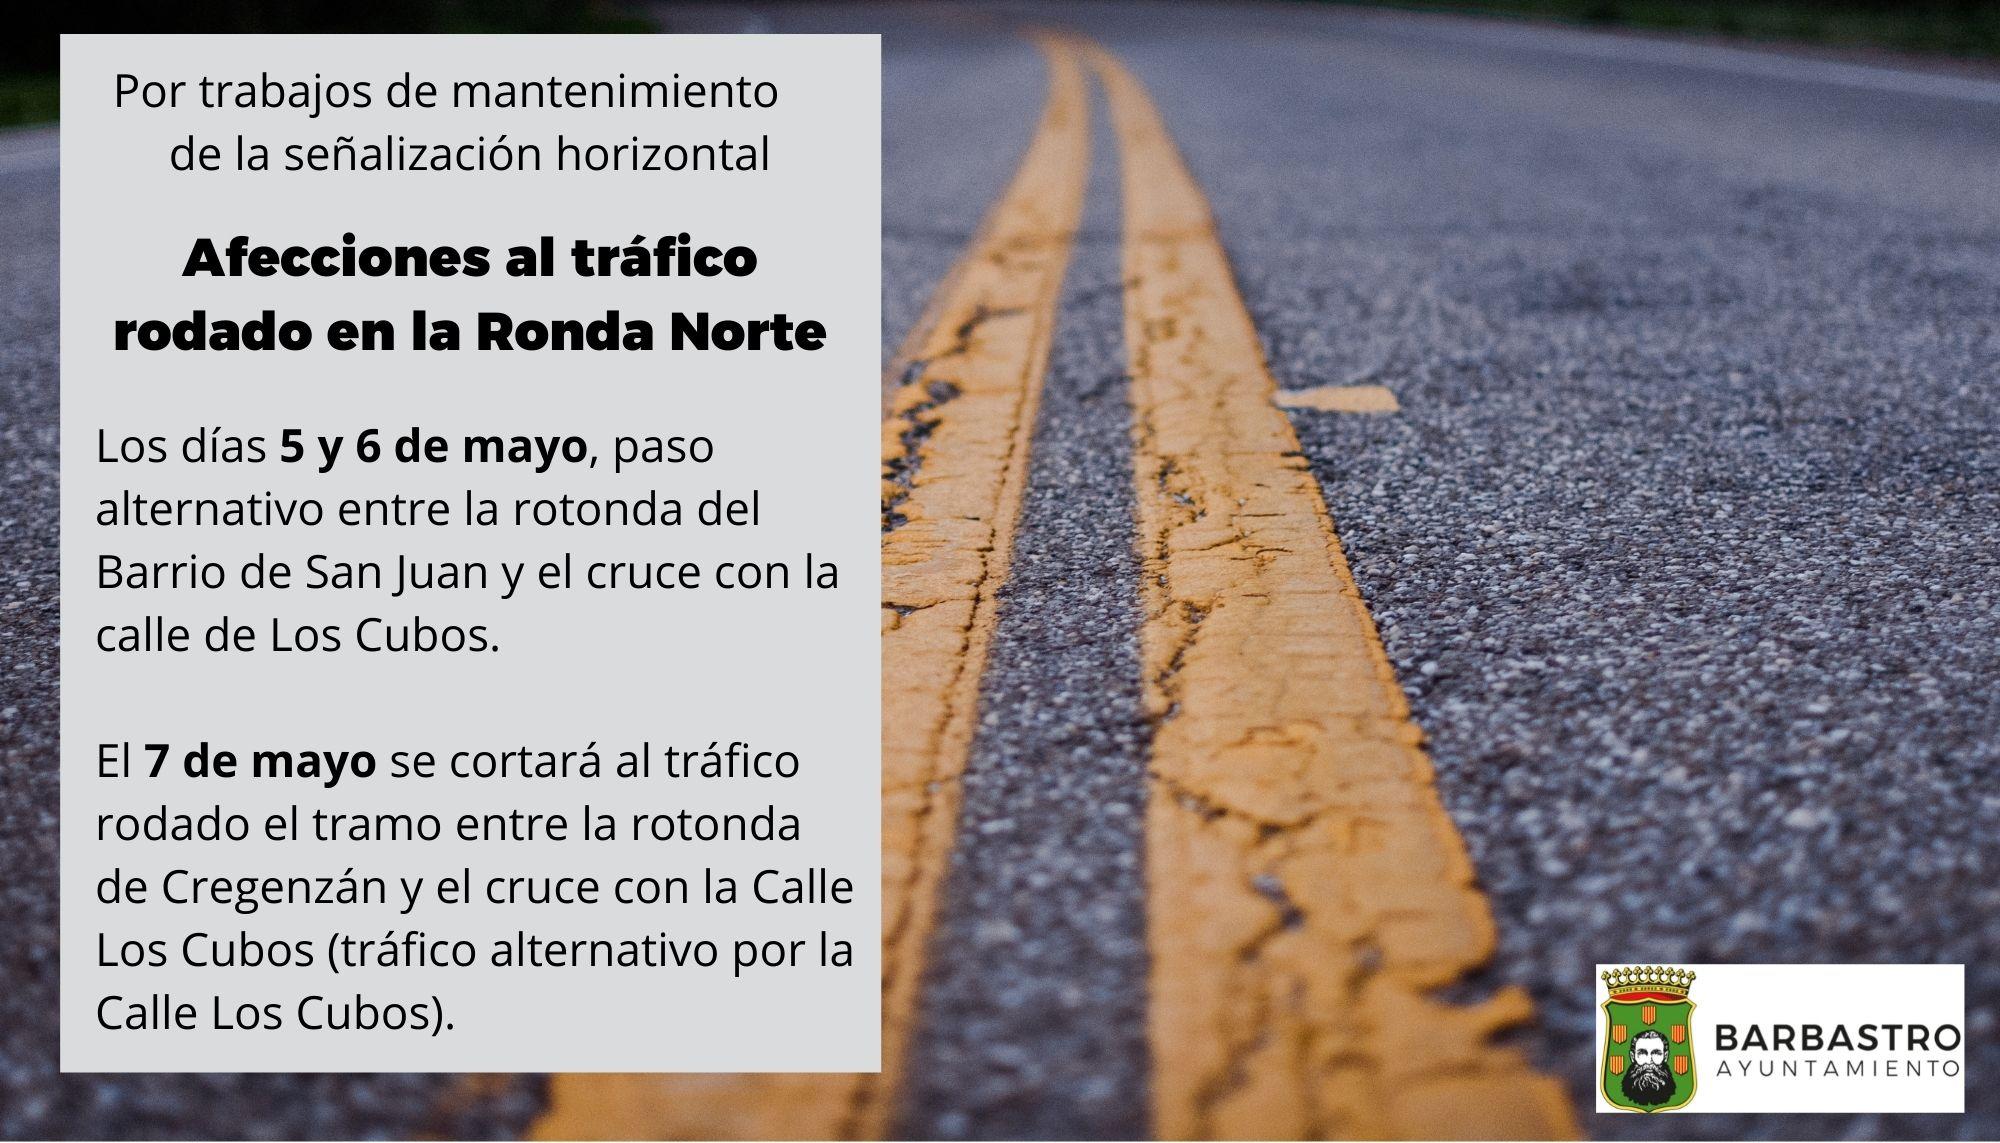 Afecciones al tráfico rodado en la Ronda Norte